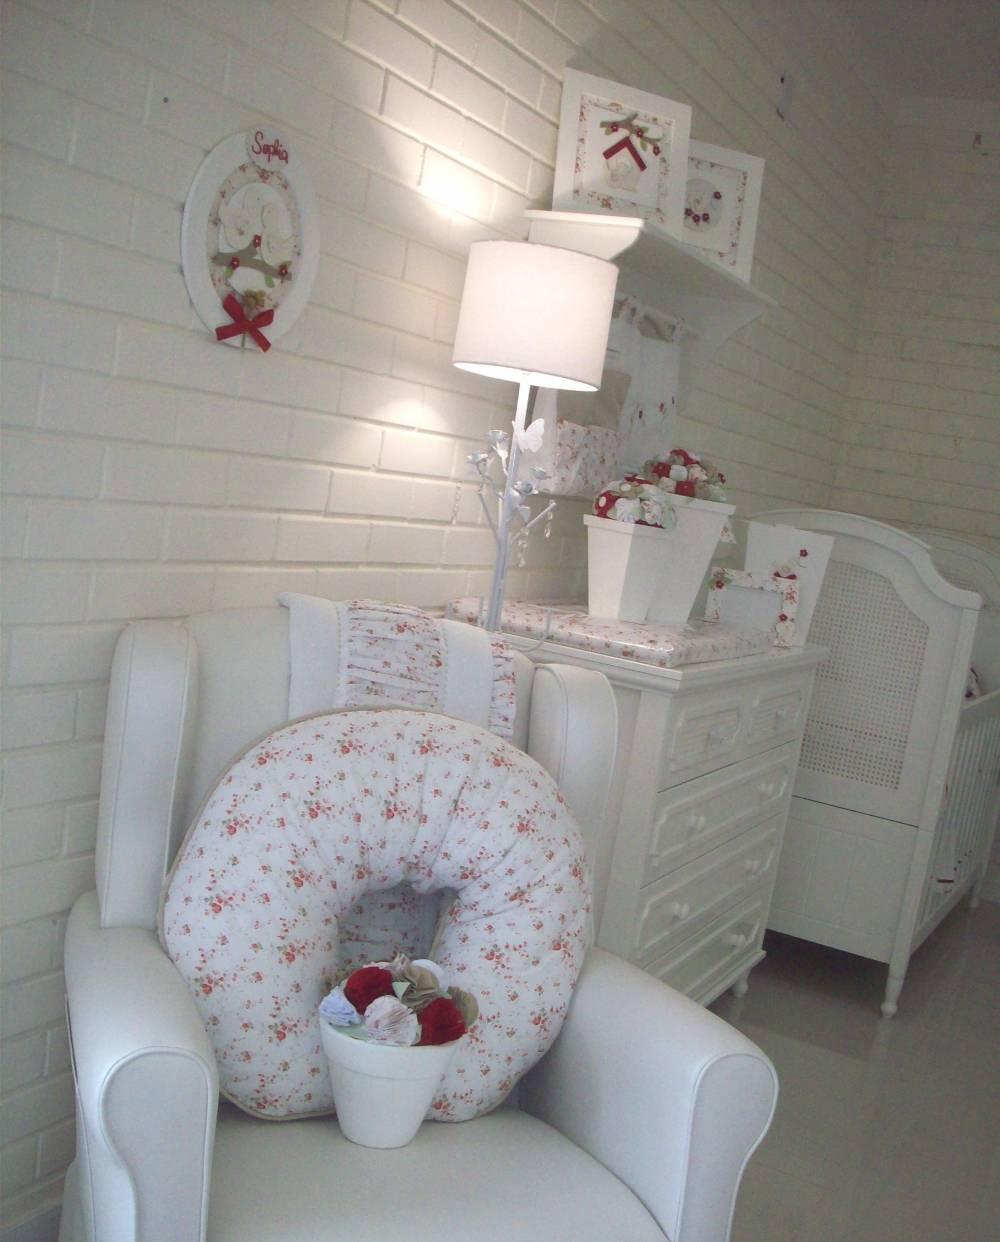 Decoração Quarto de Bebê Meninas no M'Boi Mirim - Decoração Quartos de Bebê em Osasco